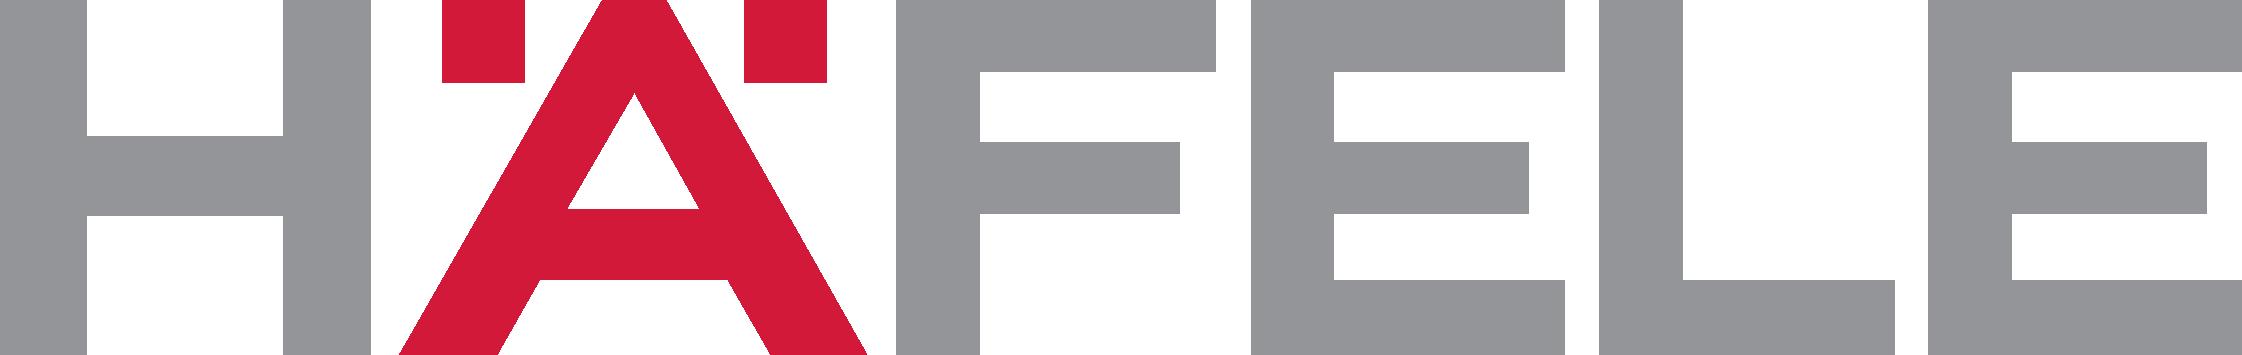 kurumsal_logo-2013.png